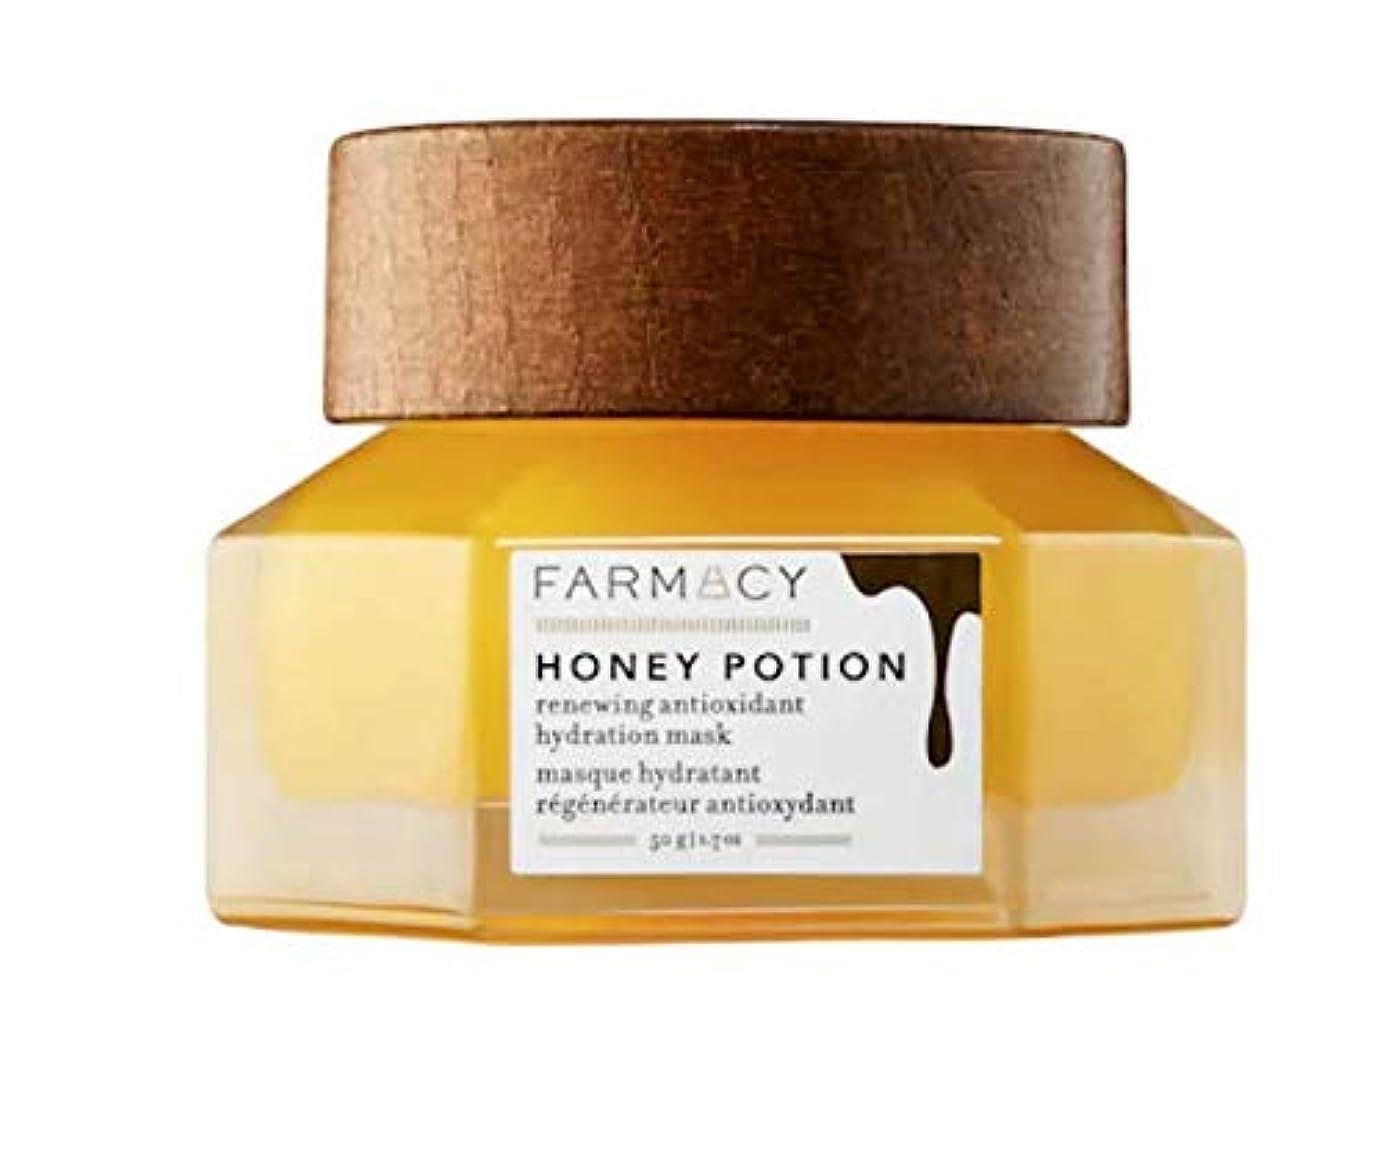 皮肉な作成者色合いファーマシー FARMACY ハニーポーション リニューイング アンチオキシデント ハイドレーションマスク 50g?Honey Potion Renewing Antioxidant Hydration Mask